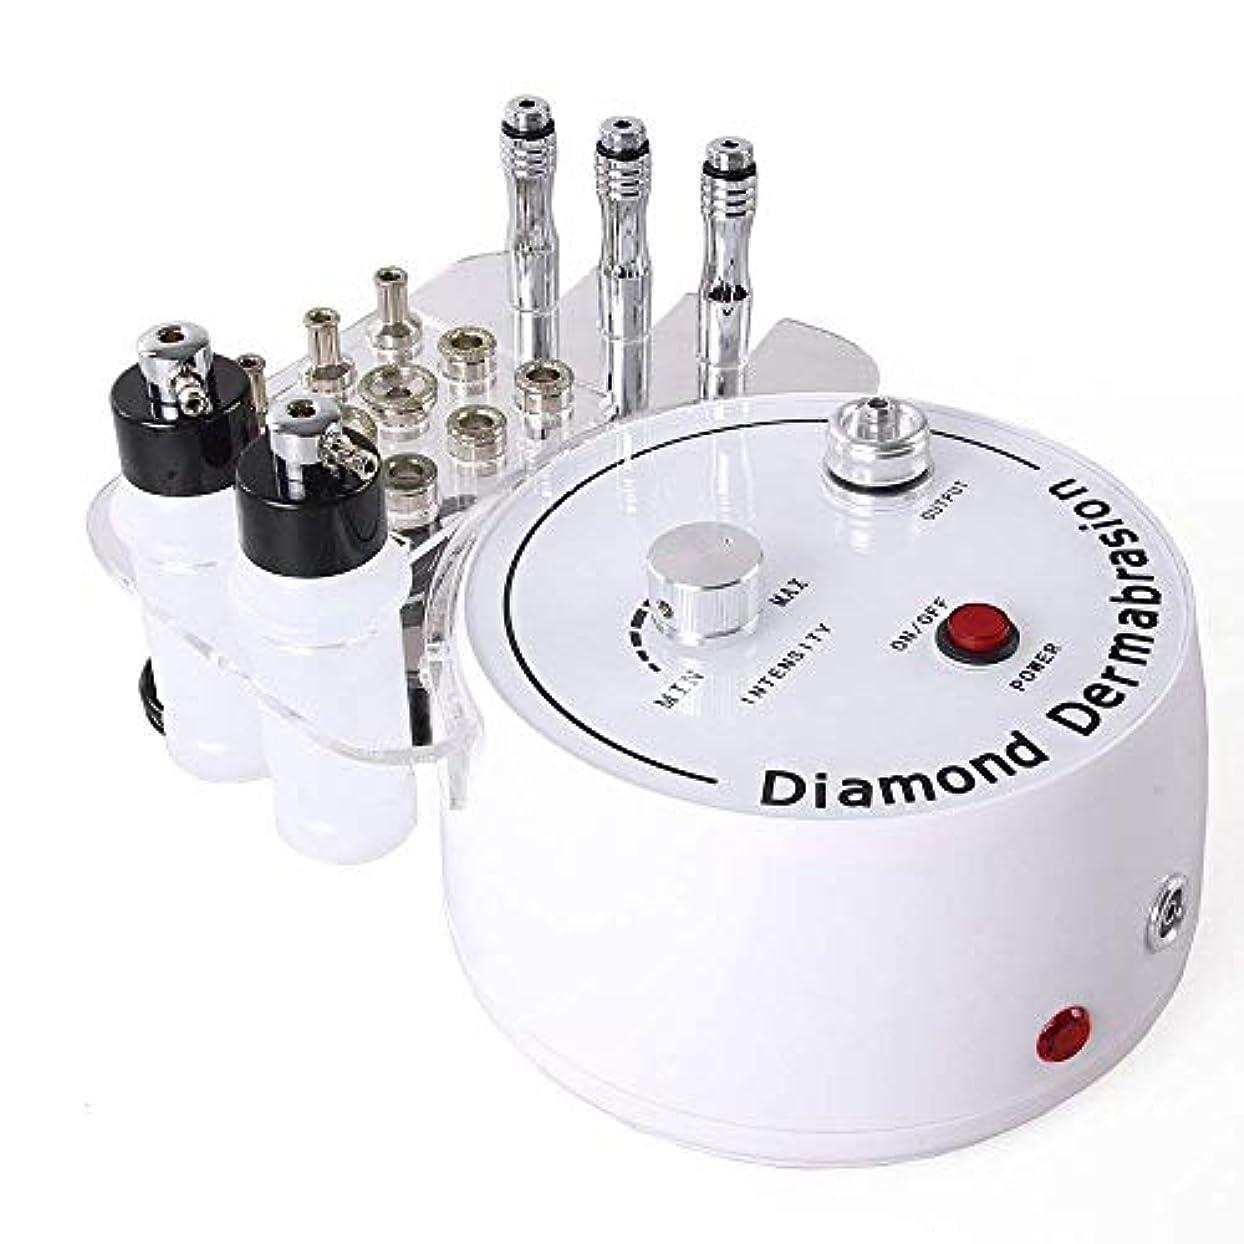 きゅうり教育者事3 in 1ダイヤモンドマイクロダーマブレーションマシン、プロフェッショナルダイヤモンドダーマブレーションマシンパーソナルケア用のフェイシャルケアサロン機器、チップとワンド付き